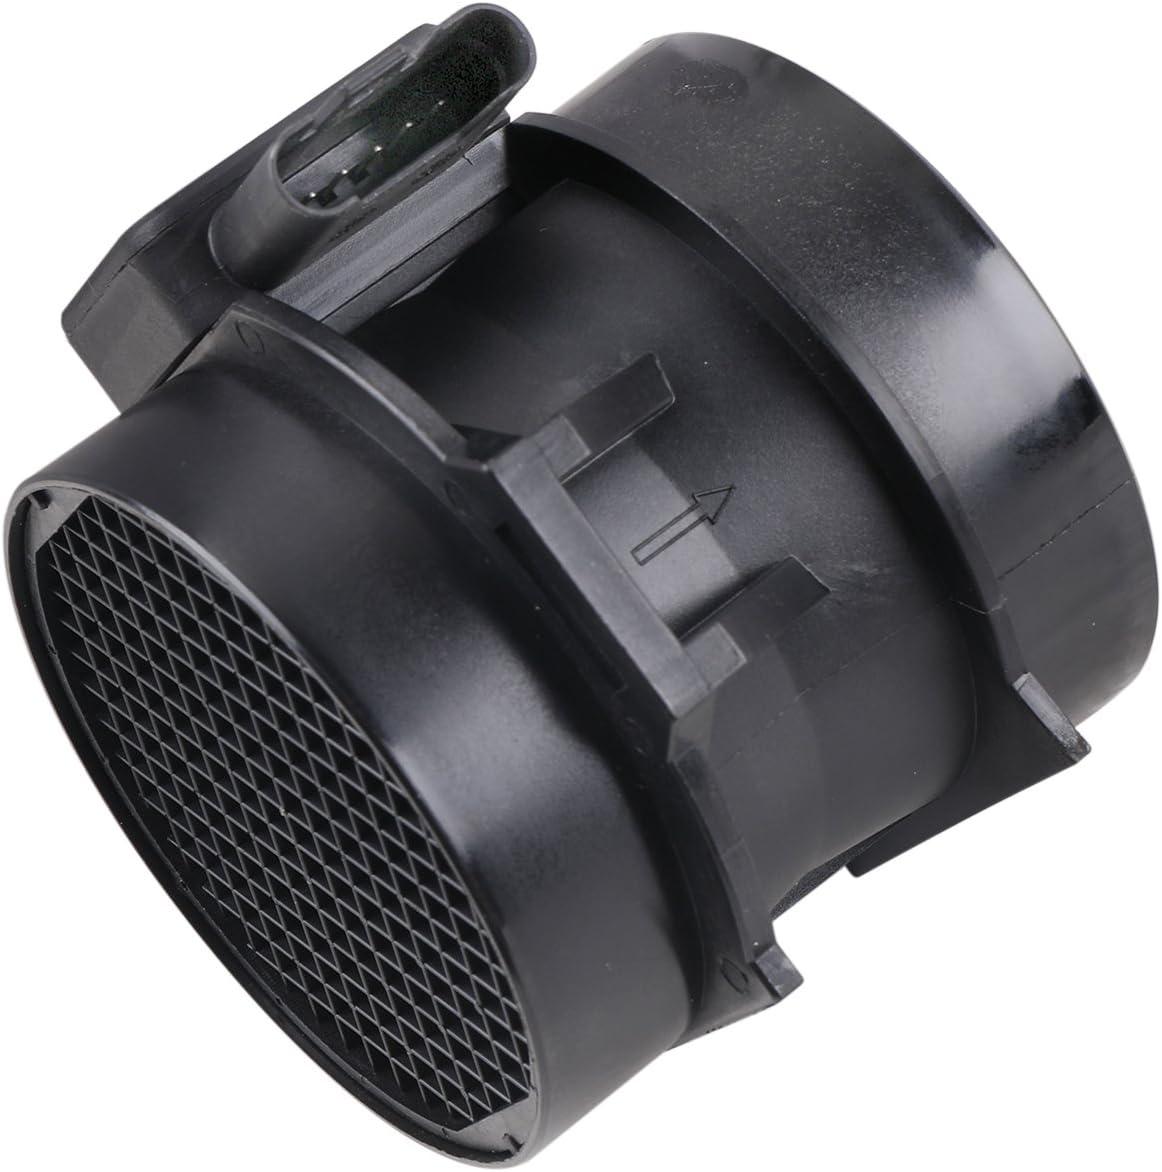 for BMW 2004-2005 X3// 325i// 2004-2006 325Ci// 2003-2005 Z4 L6 Cyl Autopart T CS1174 New Mass air flow Sensor Assembly 2.5 Liter